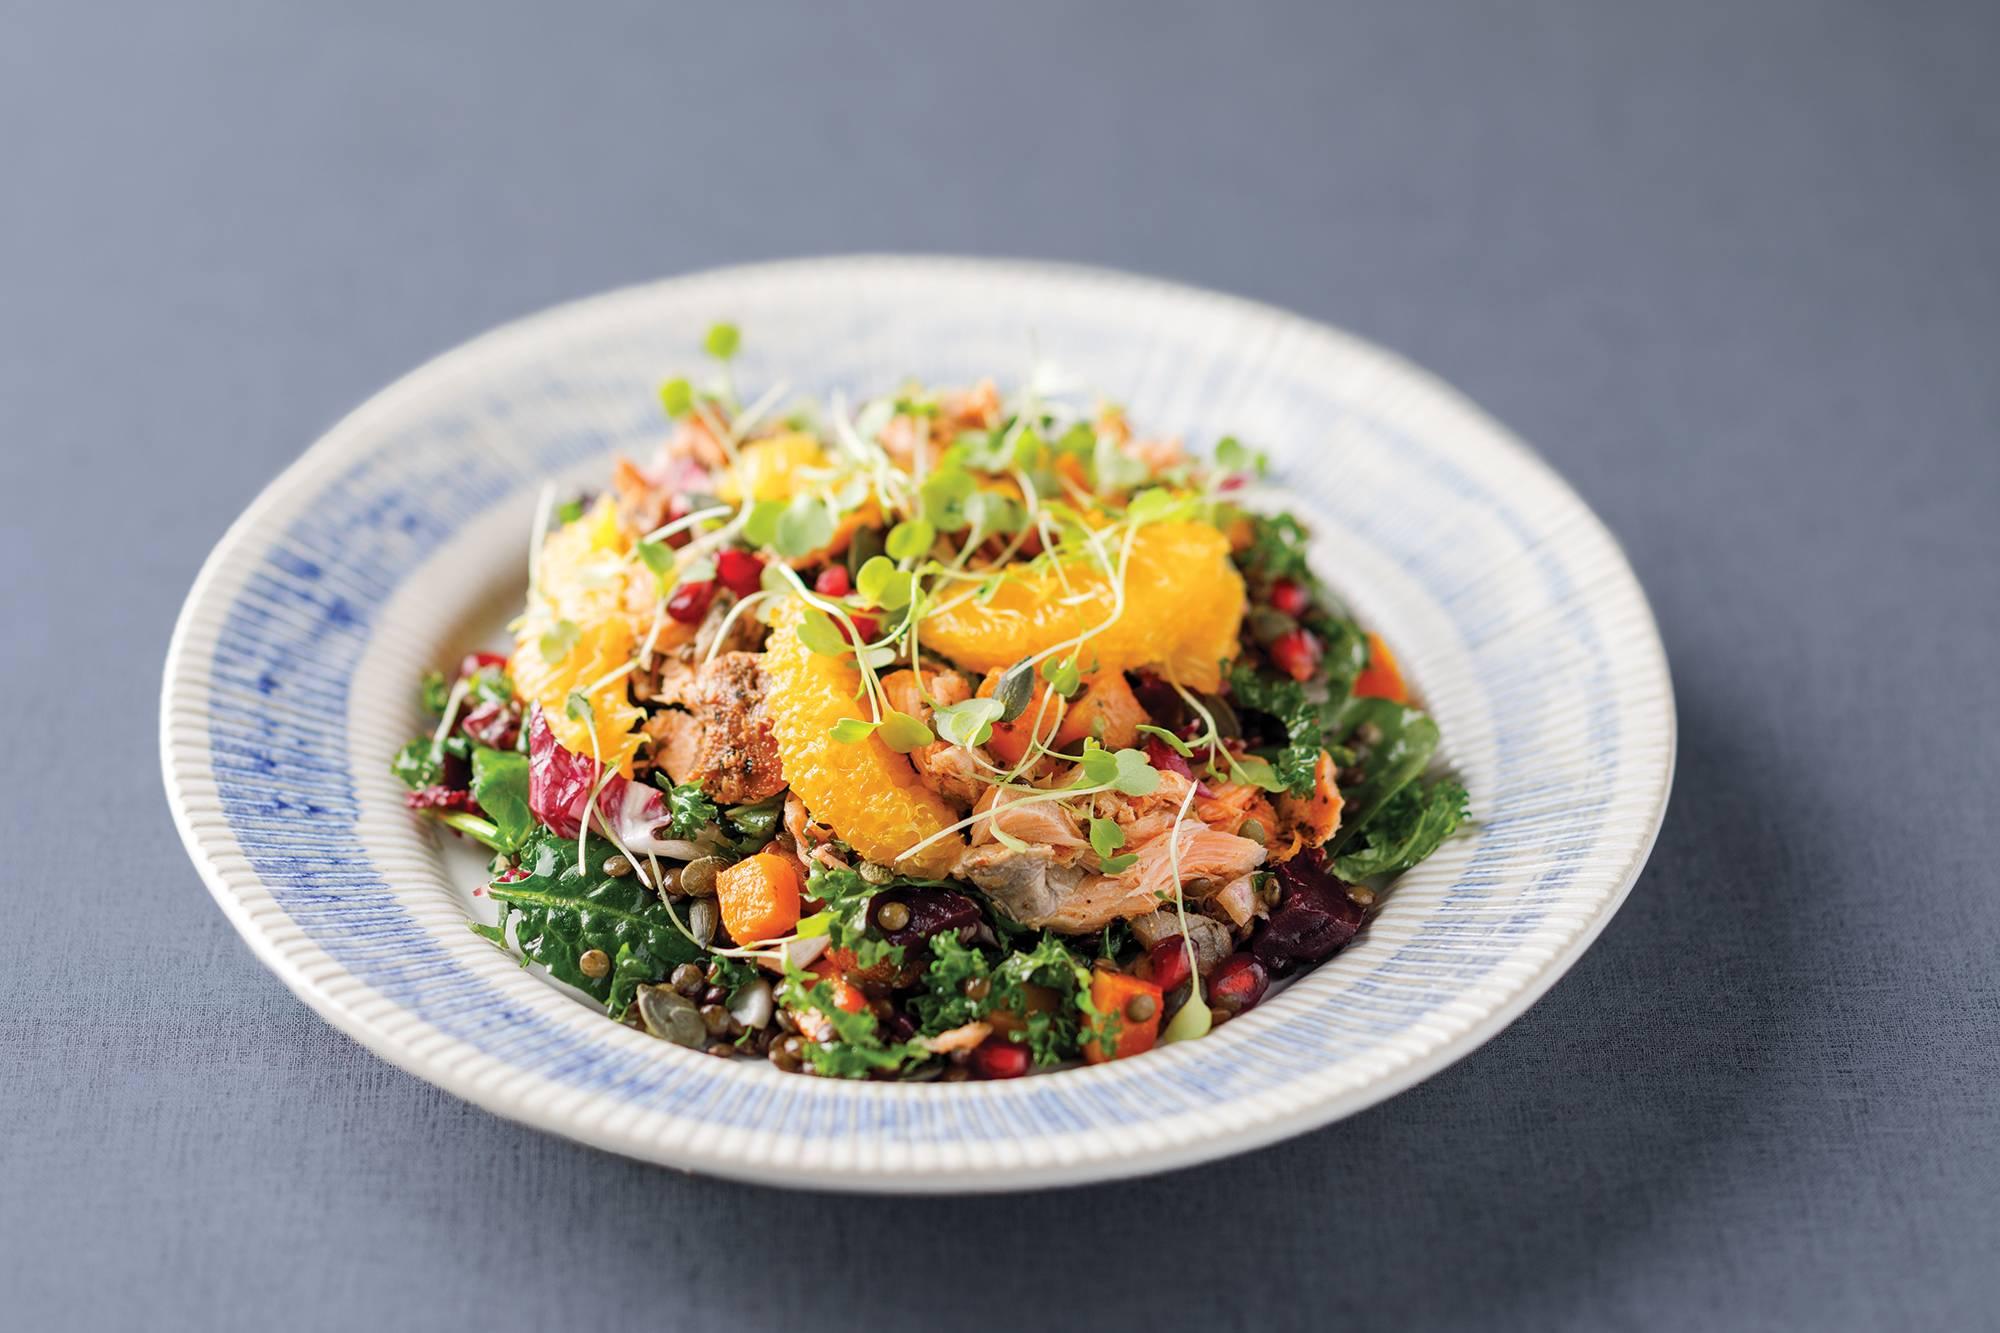 餐廳的菜式採用可溯源和可持續的新鮮食材炮製,烹煮方法風格簡單,擺盤卻一絲不苟。